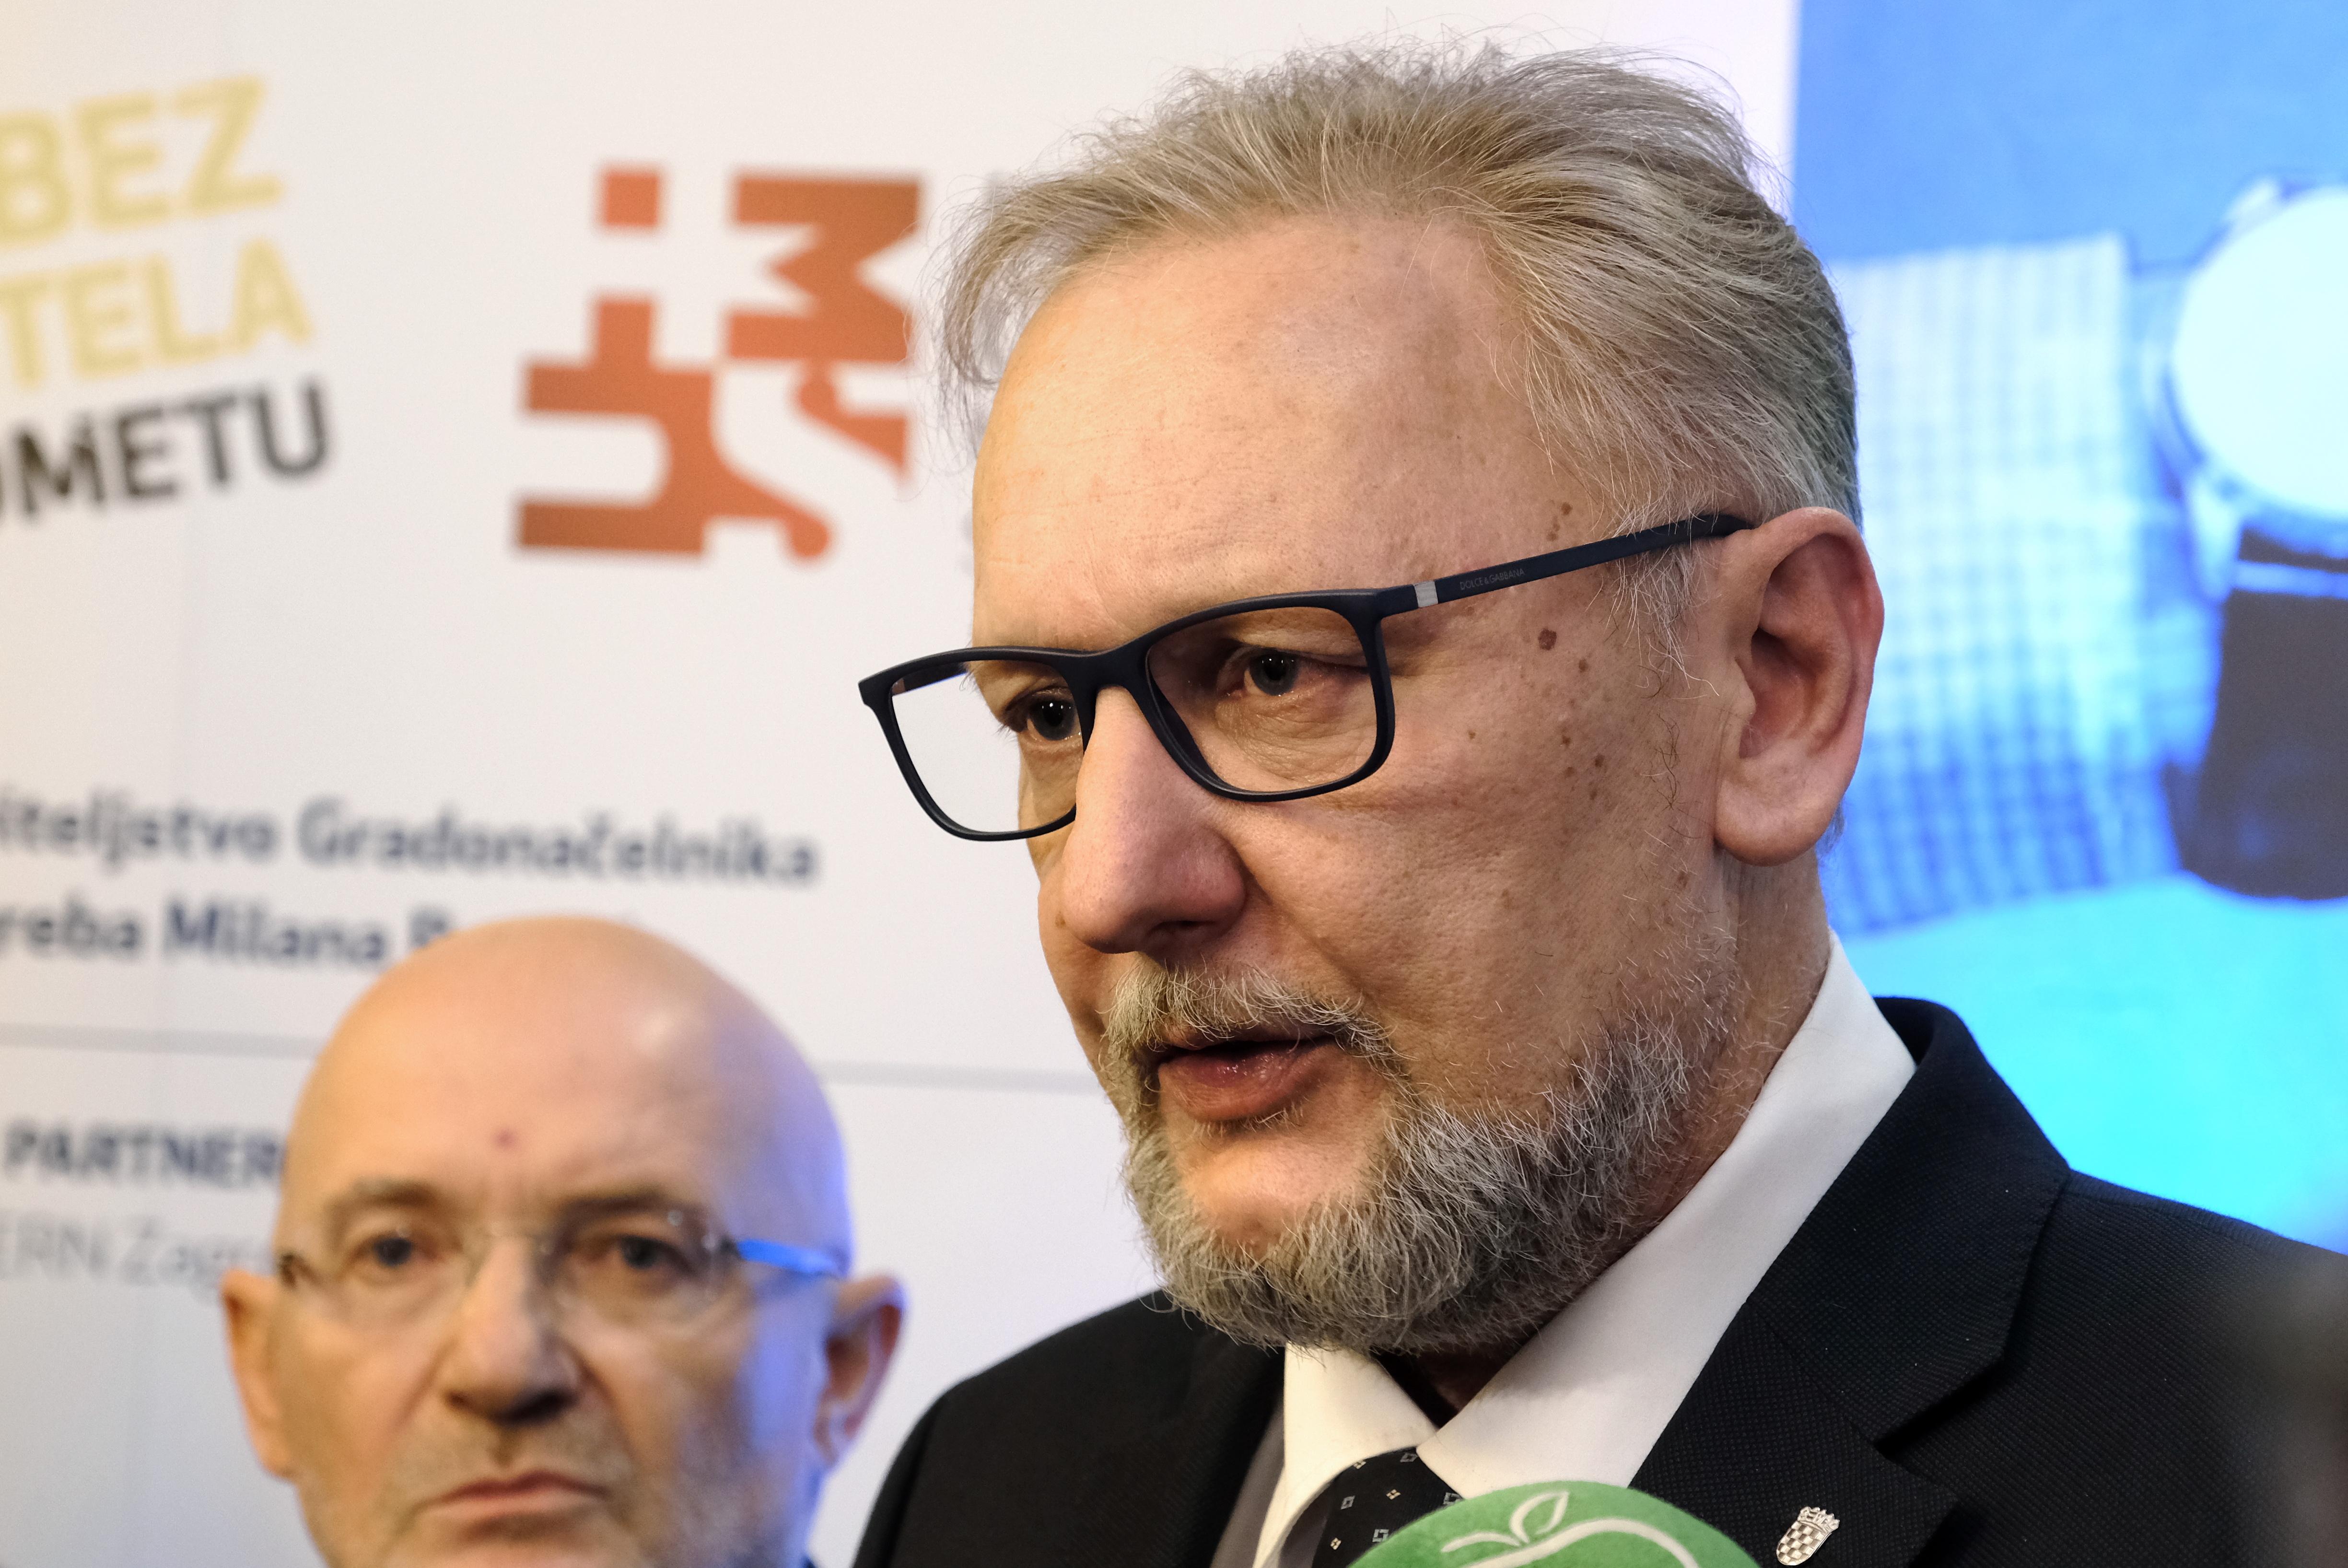 Božinović sudjelovao na kongresu CDU-a, čestitao Kramp-Karrenbauer